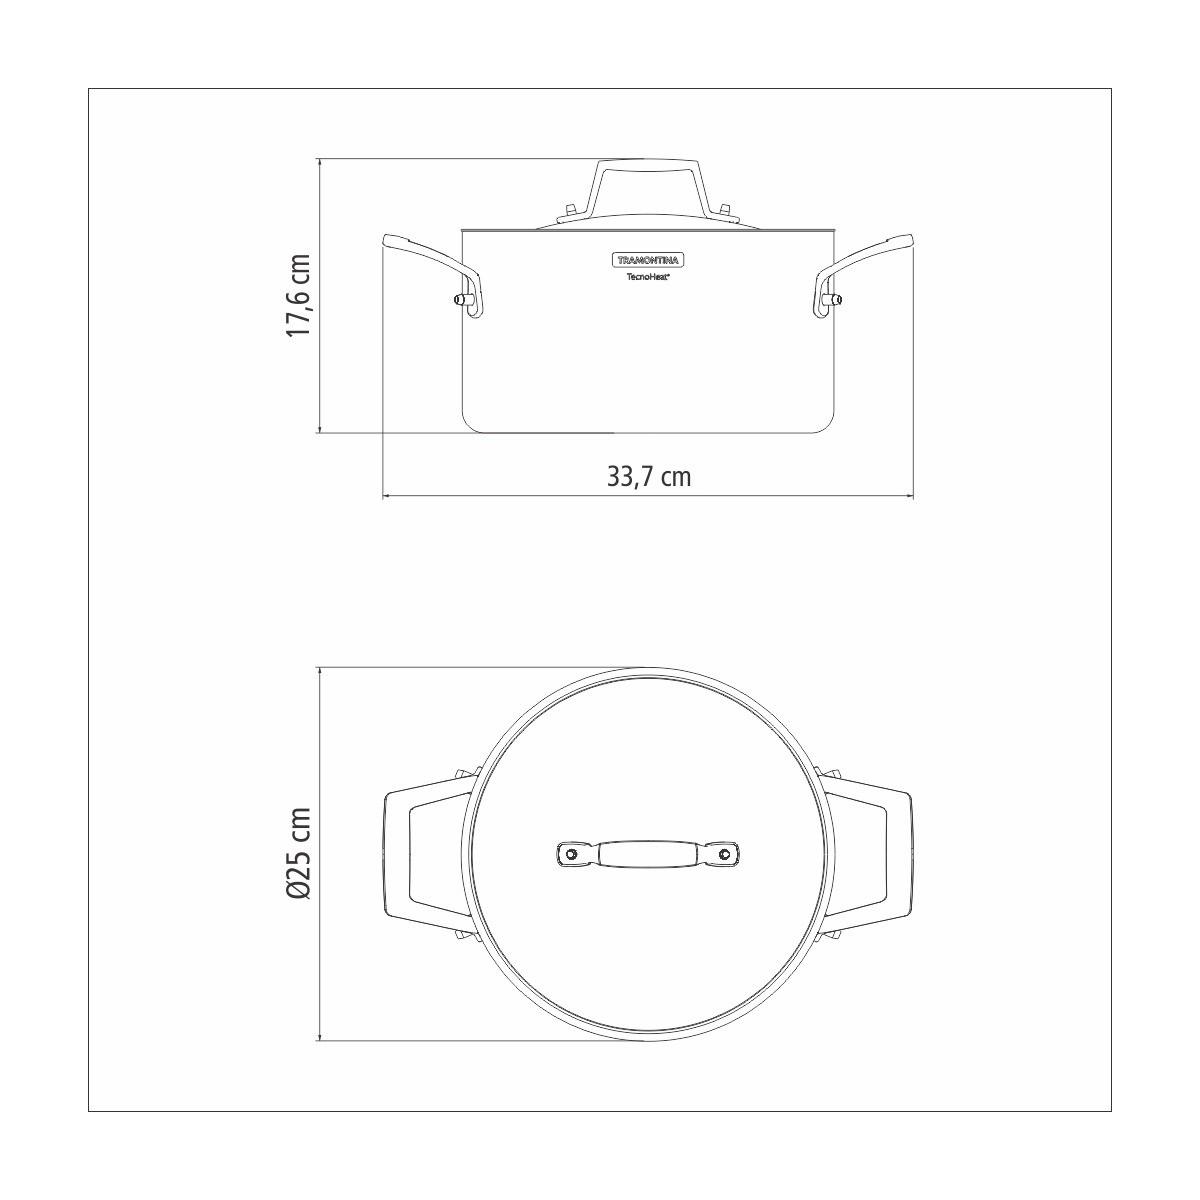 Jogo Caçarola Tramontina Funda Grano 5,8l 24cm em Inox e Porta Utensílios  - Sua Casa Gourmet e Cia